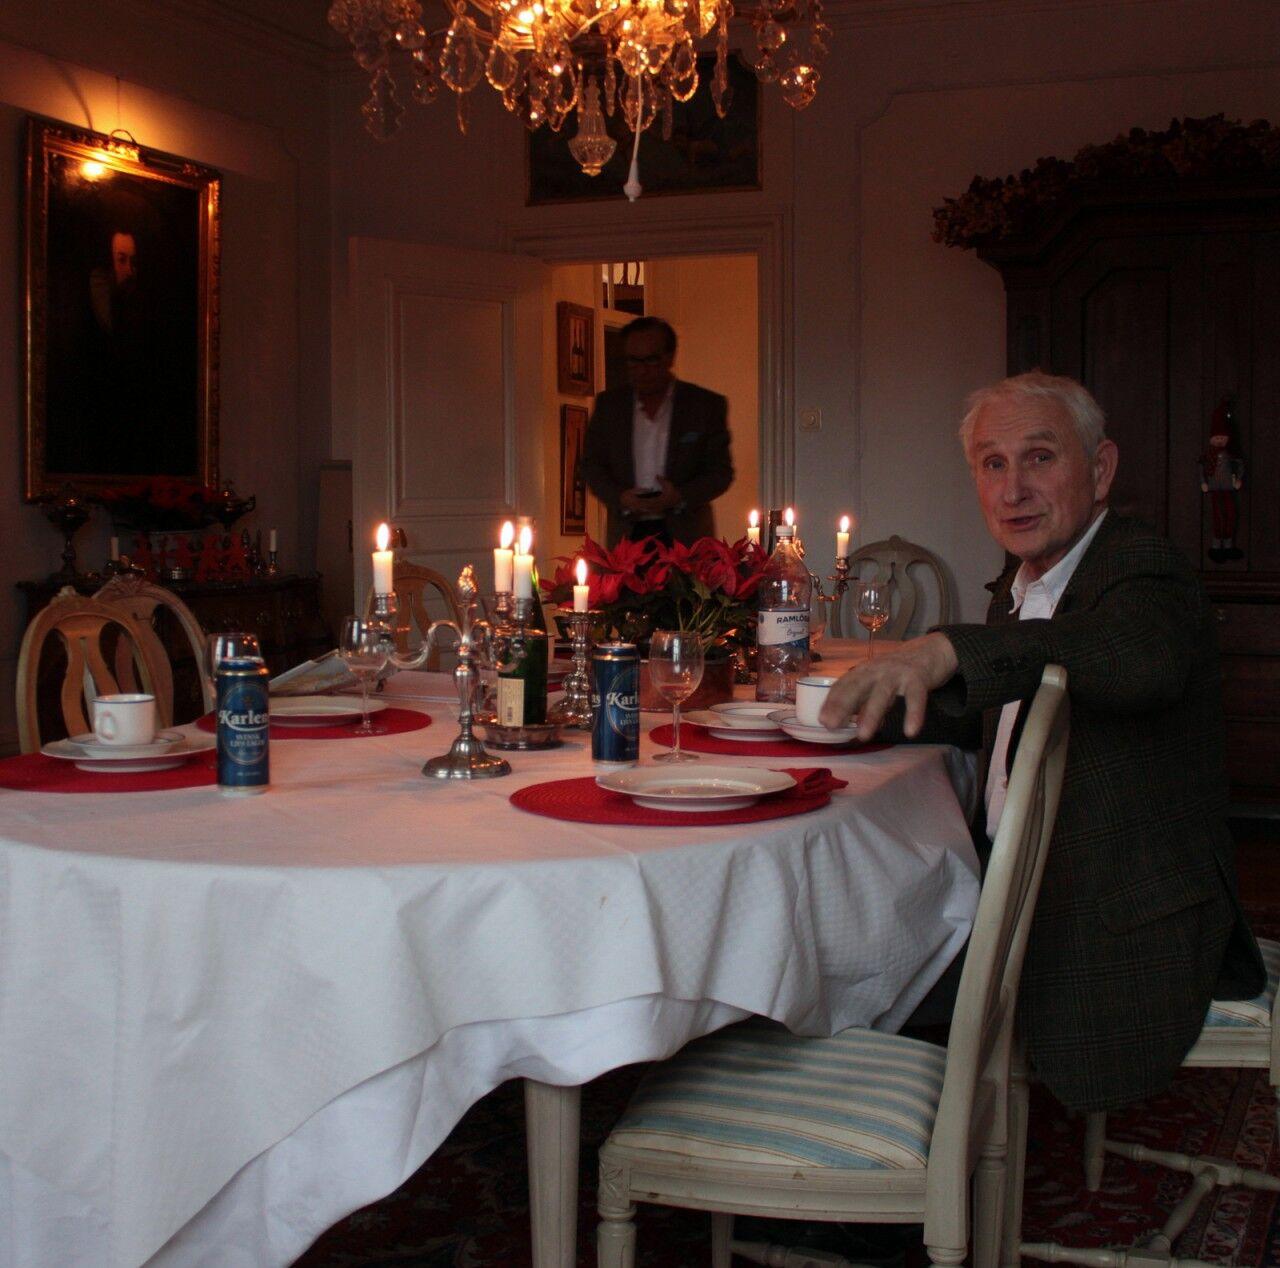 Där blev vi bjudna på jullunch och jag fick bland annat glädjen att träffa konsthistoriker och författaren Lars Sjöberg. I senaste numret av Gods & Gårdar medverkar han med en av sina nio herrgårdar.